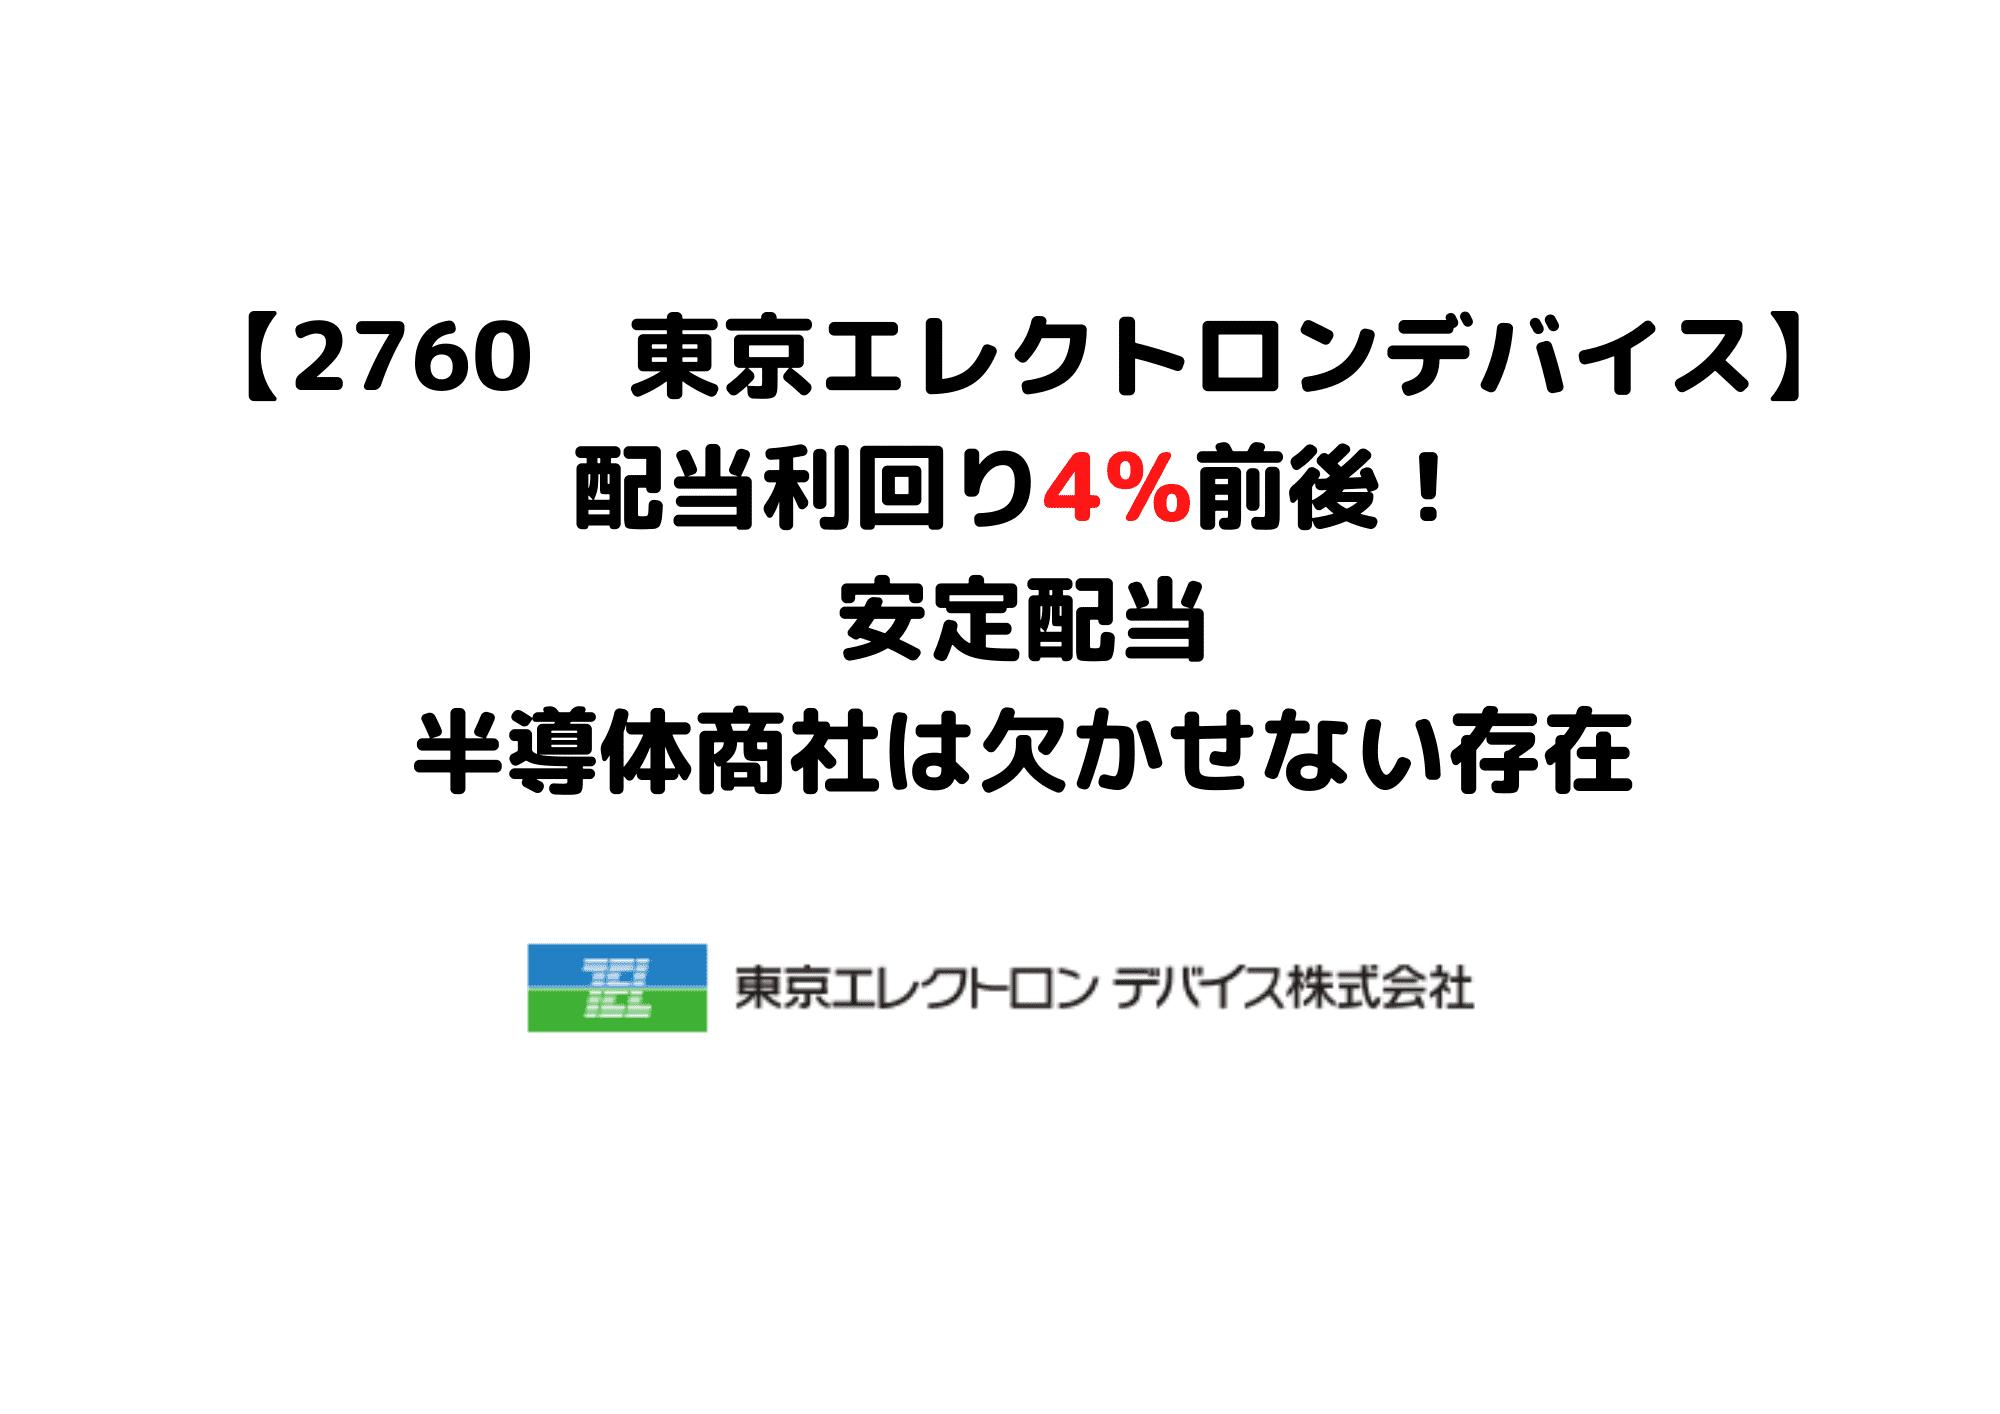 2760 東京エレクトロンデバイス (1)